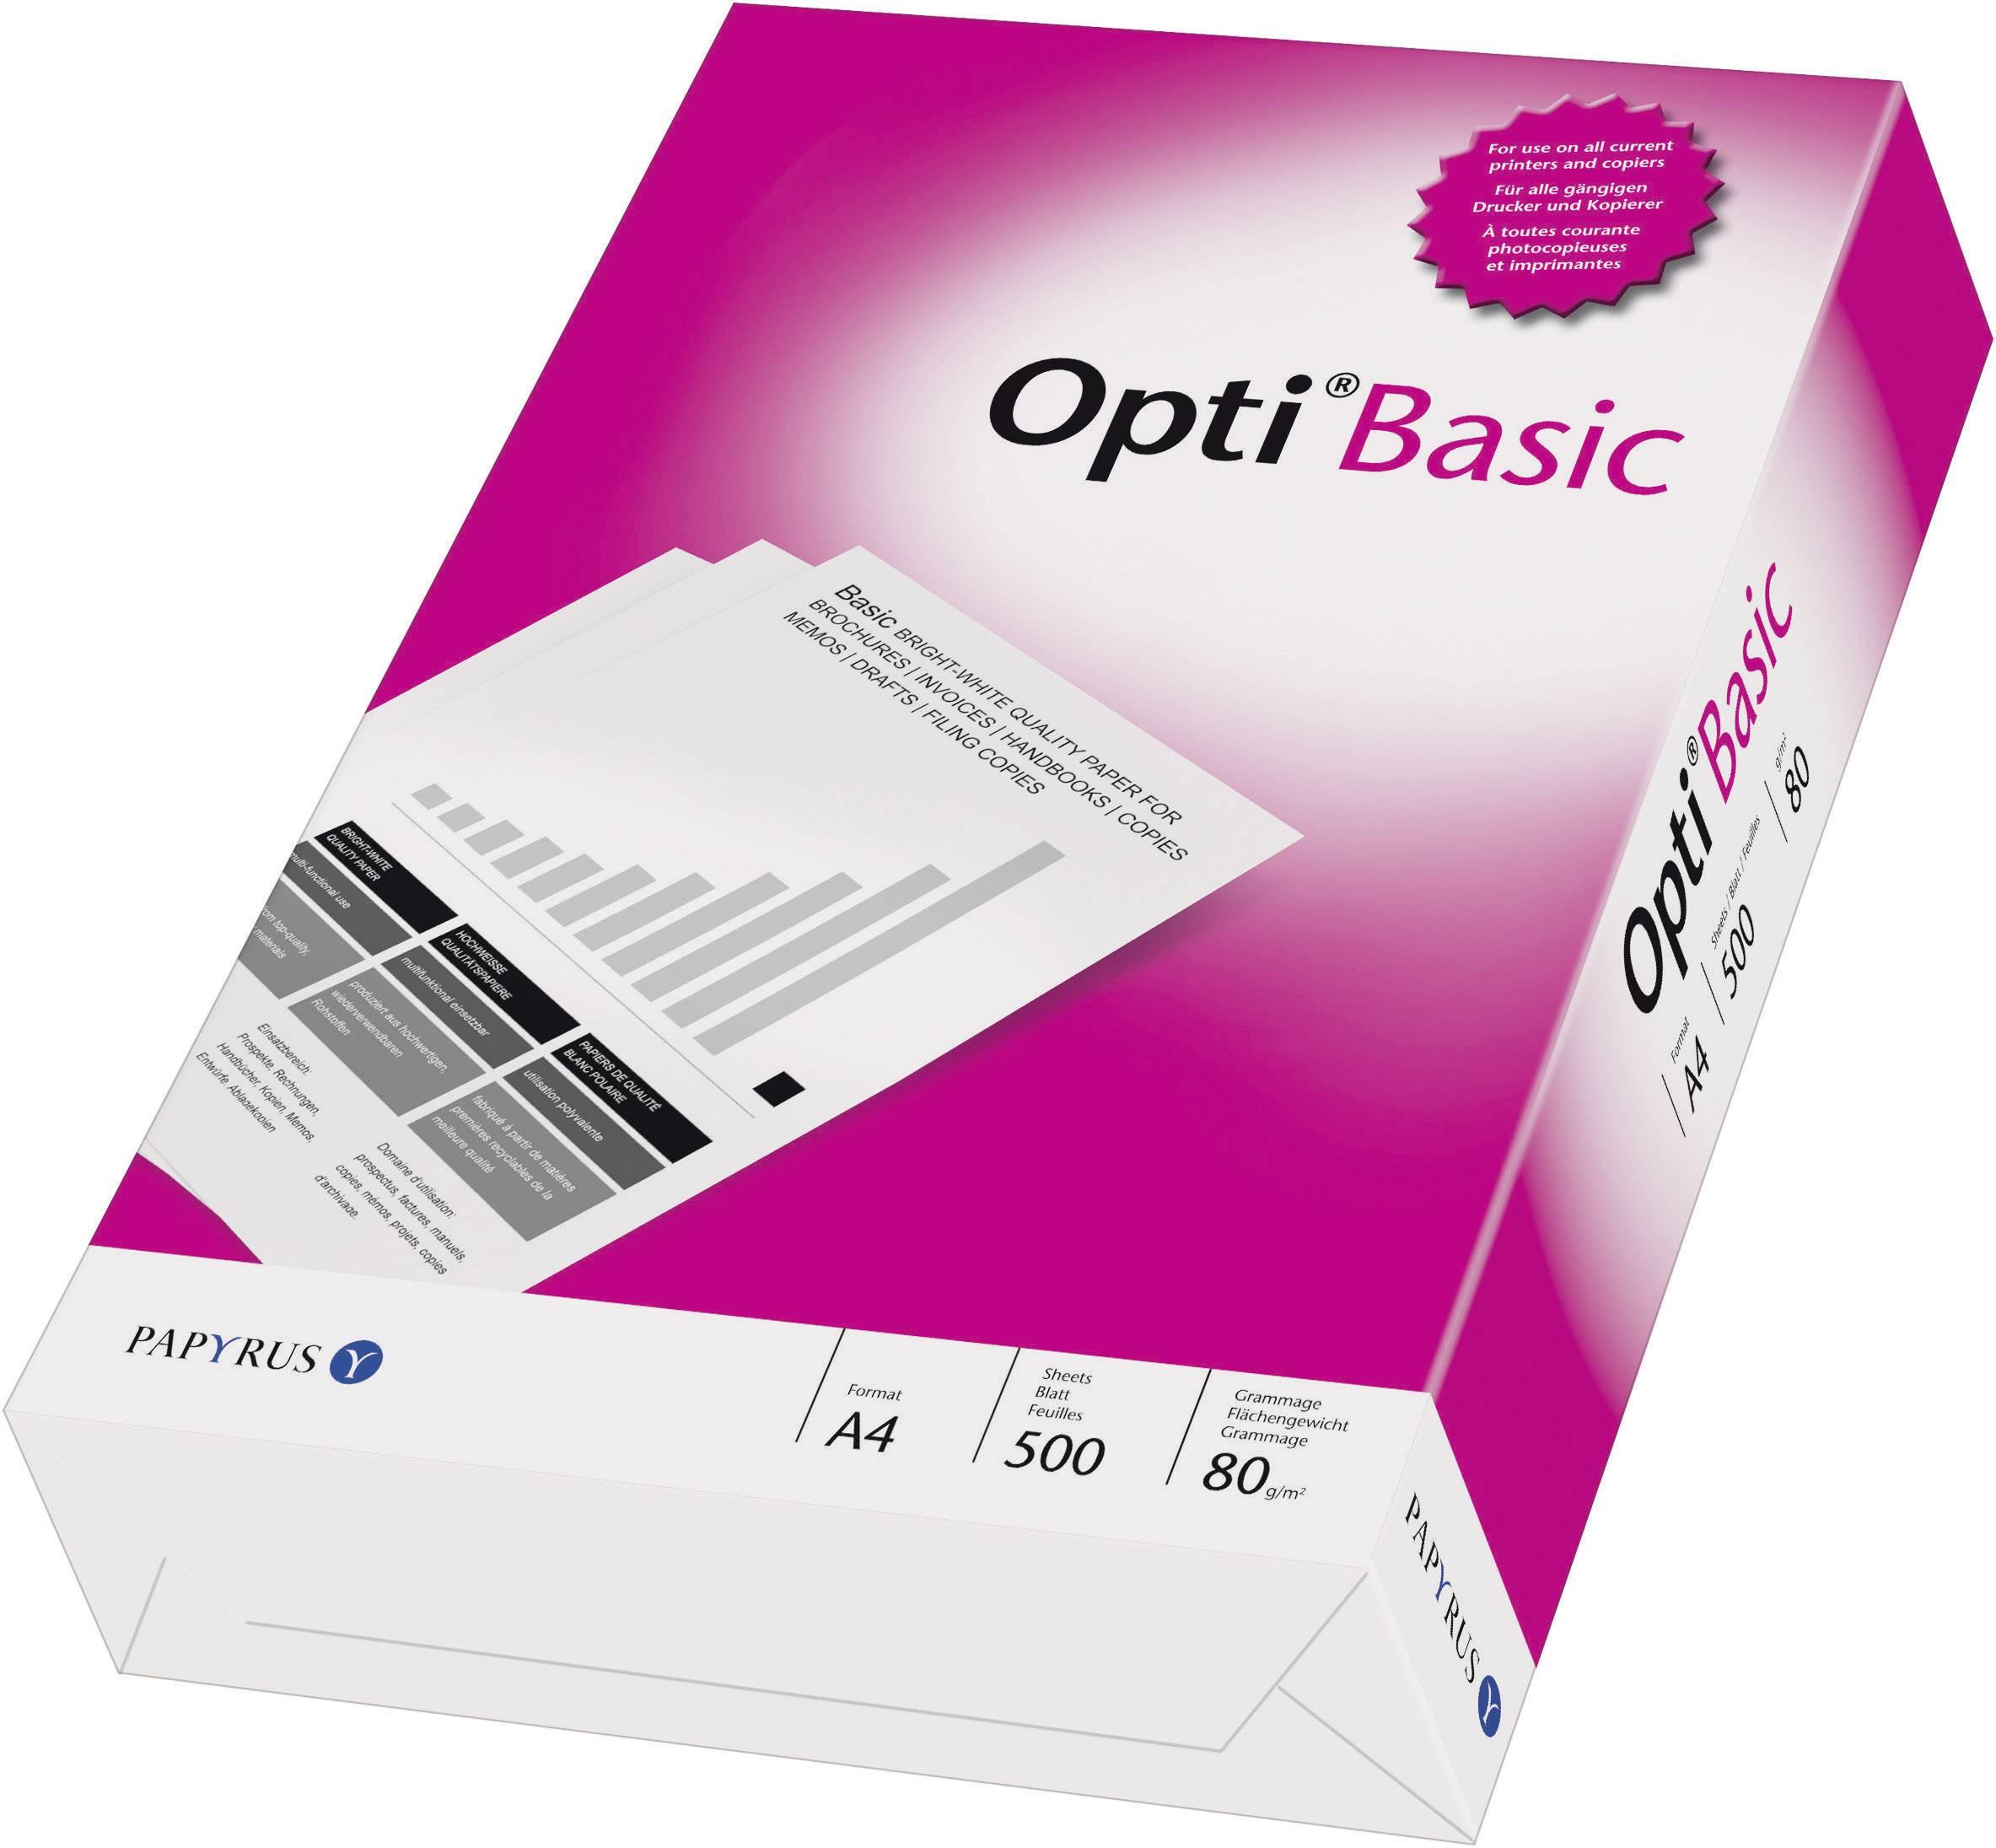 Univerzálny papier do tlačiarne Papyrus OPTI (R) Basic 88081823 DIN A4 80 gm2 500 Sheet biela